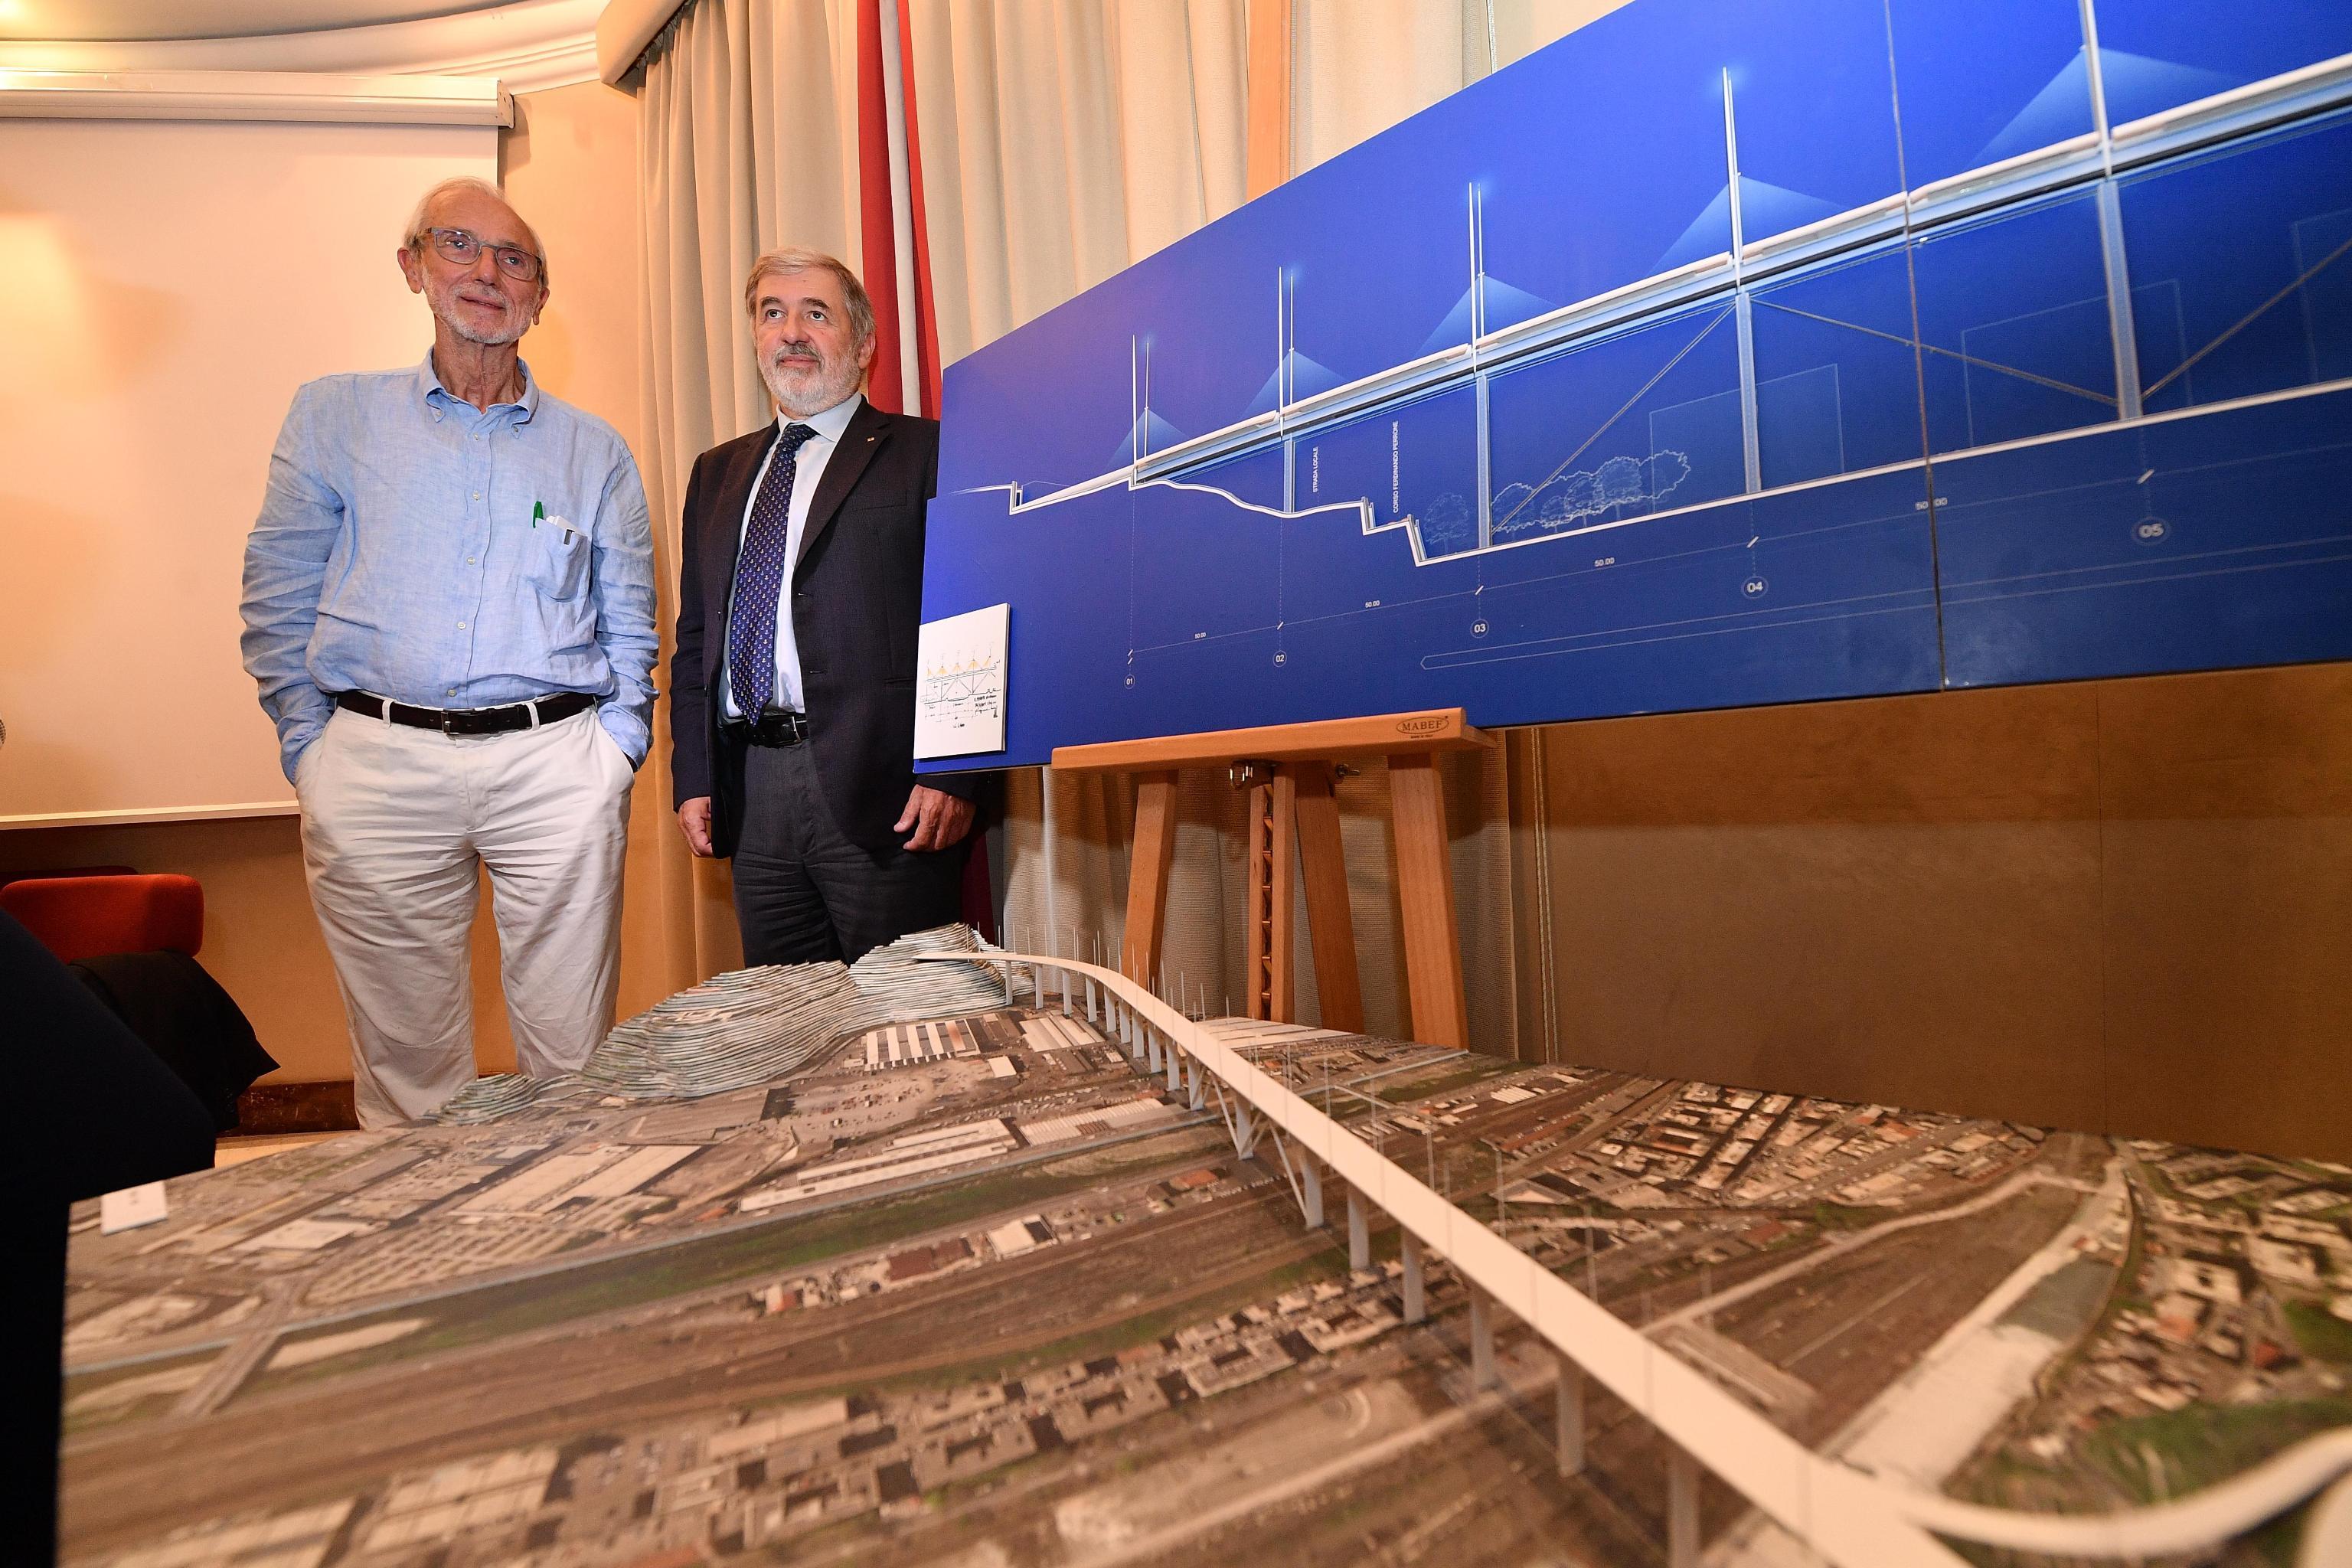 Crollo ponte: Piano, durerà mille anni e sarà d'acciaio